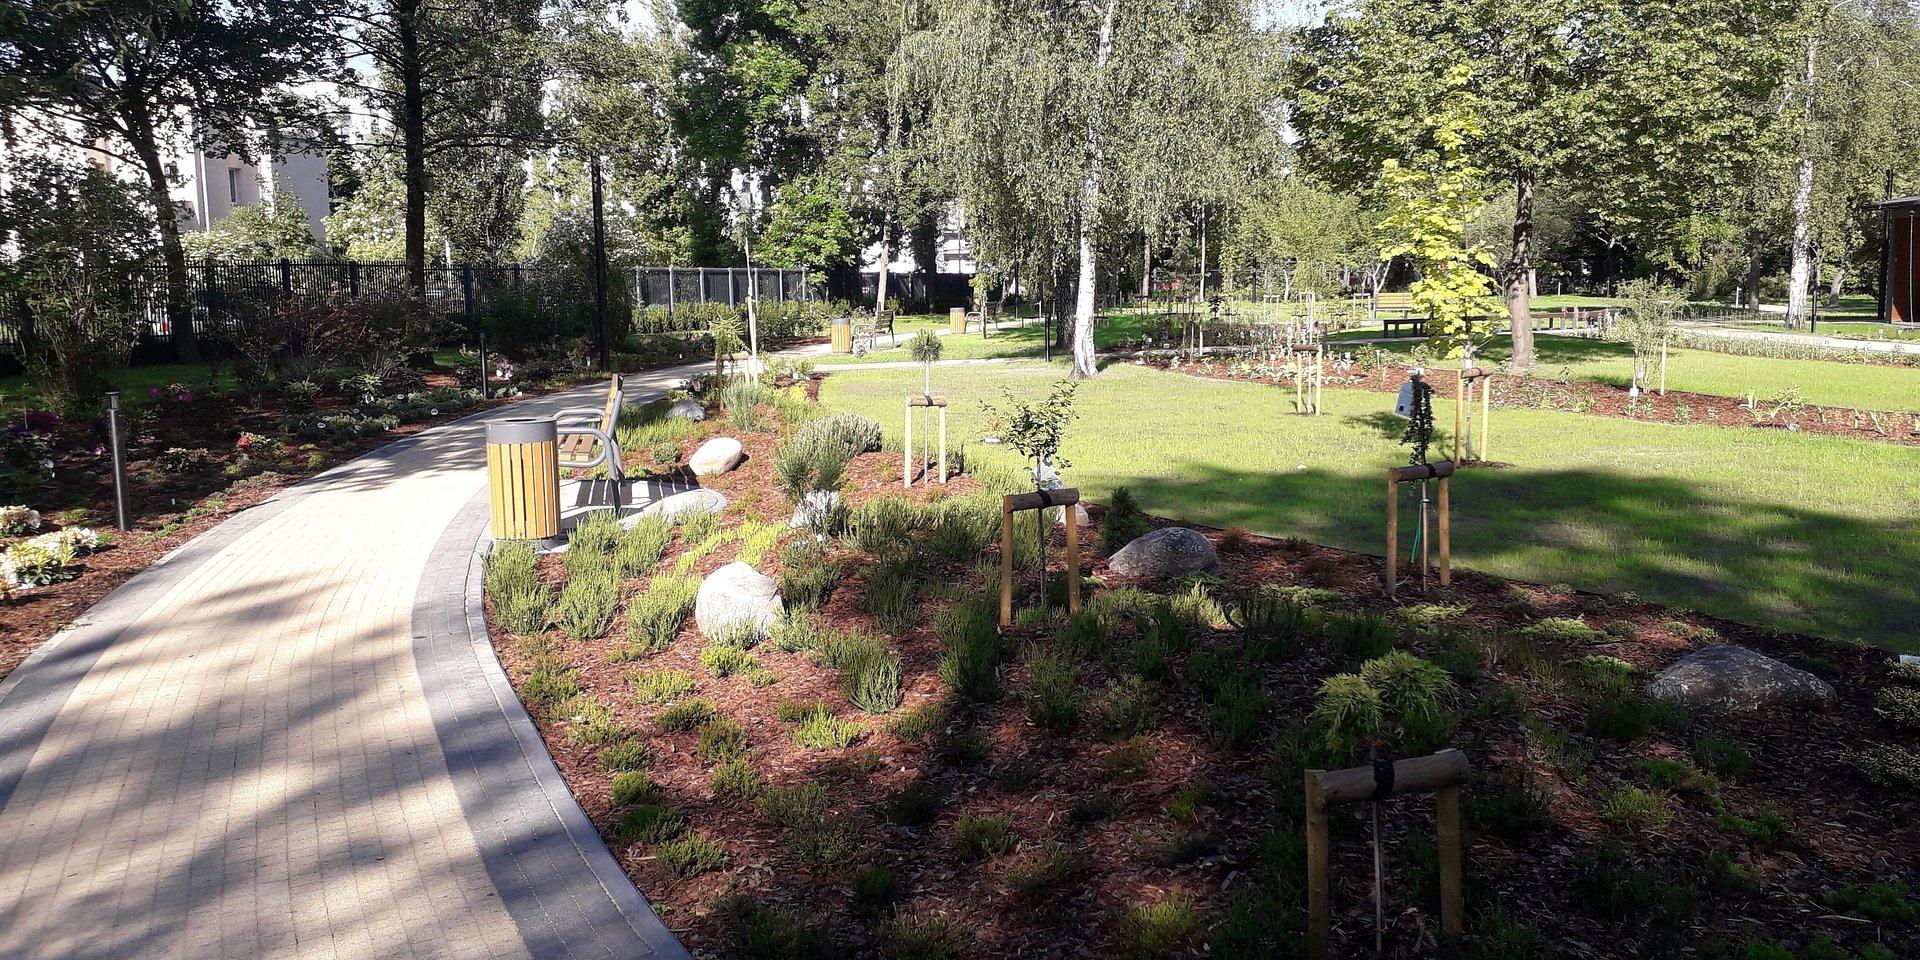 Nowy ogród dydaktyczno-doświadczalny UŁ – samowystarczalny i prośrodowiskowy